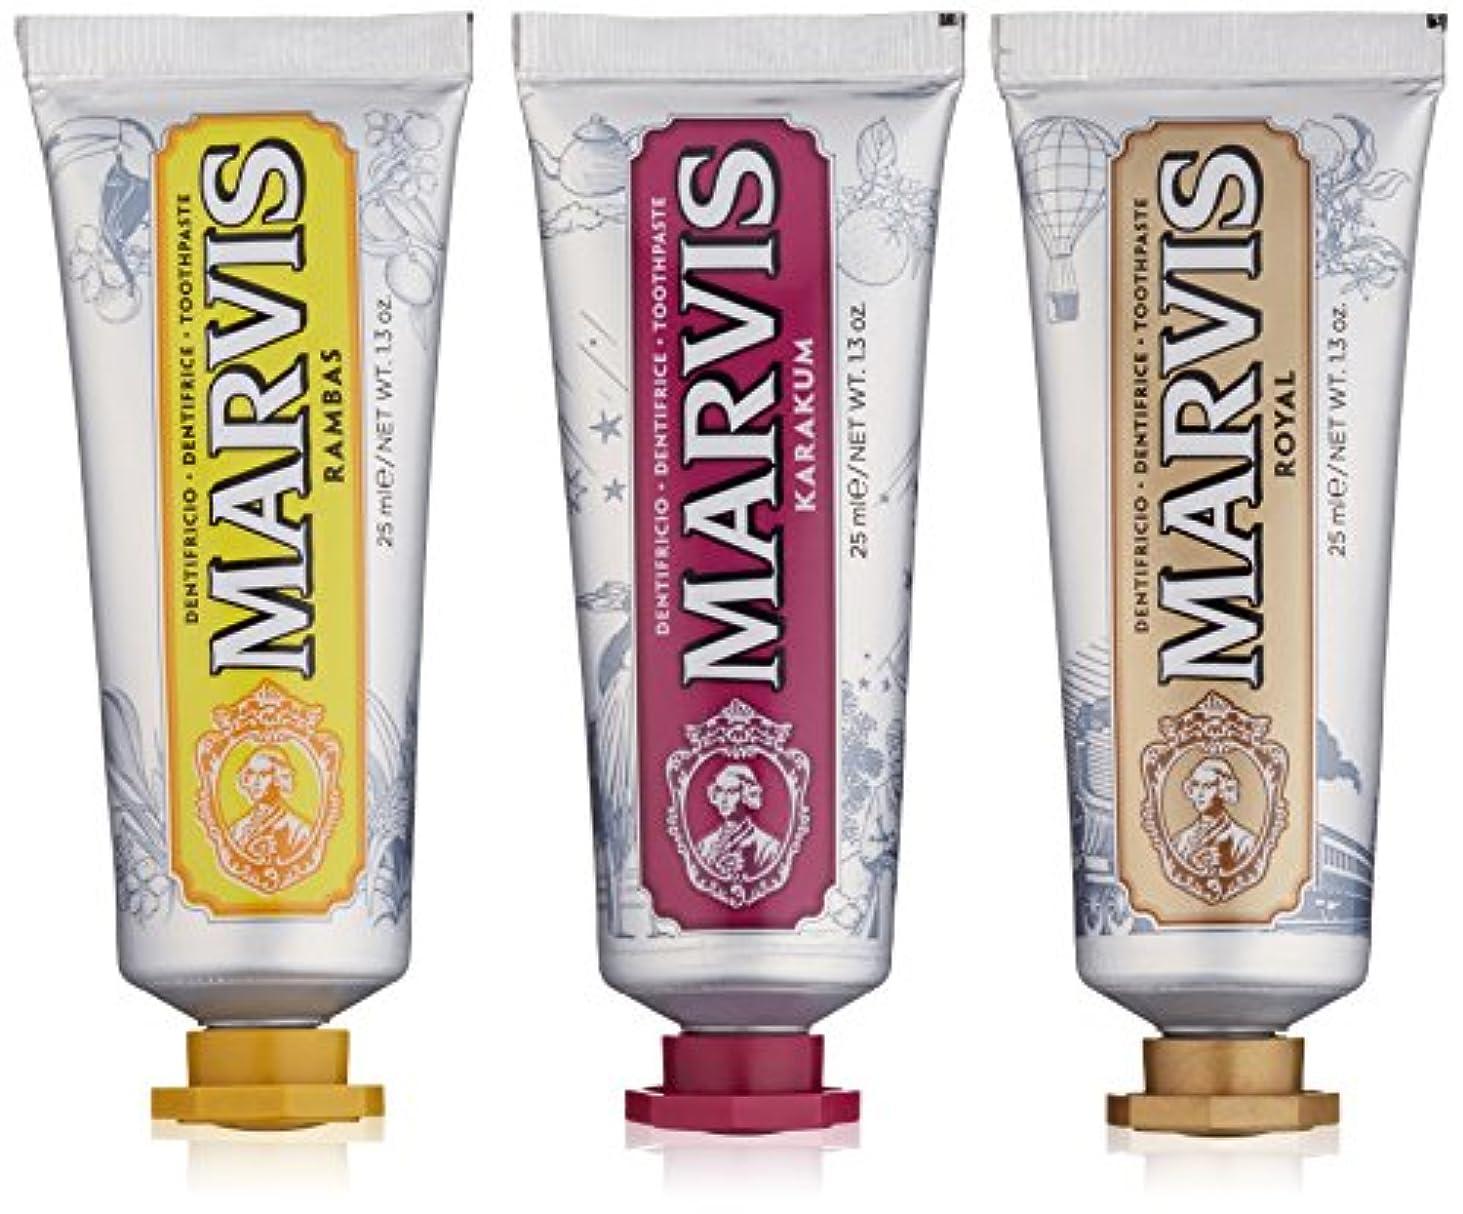 不要注入フェザーMARVIS(マービス) ワンダーズオブザワールド コレクション (歯みがき粉) 25ml x 3本